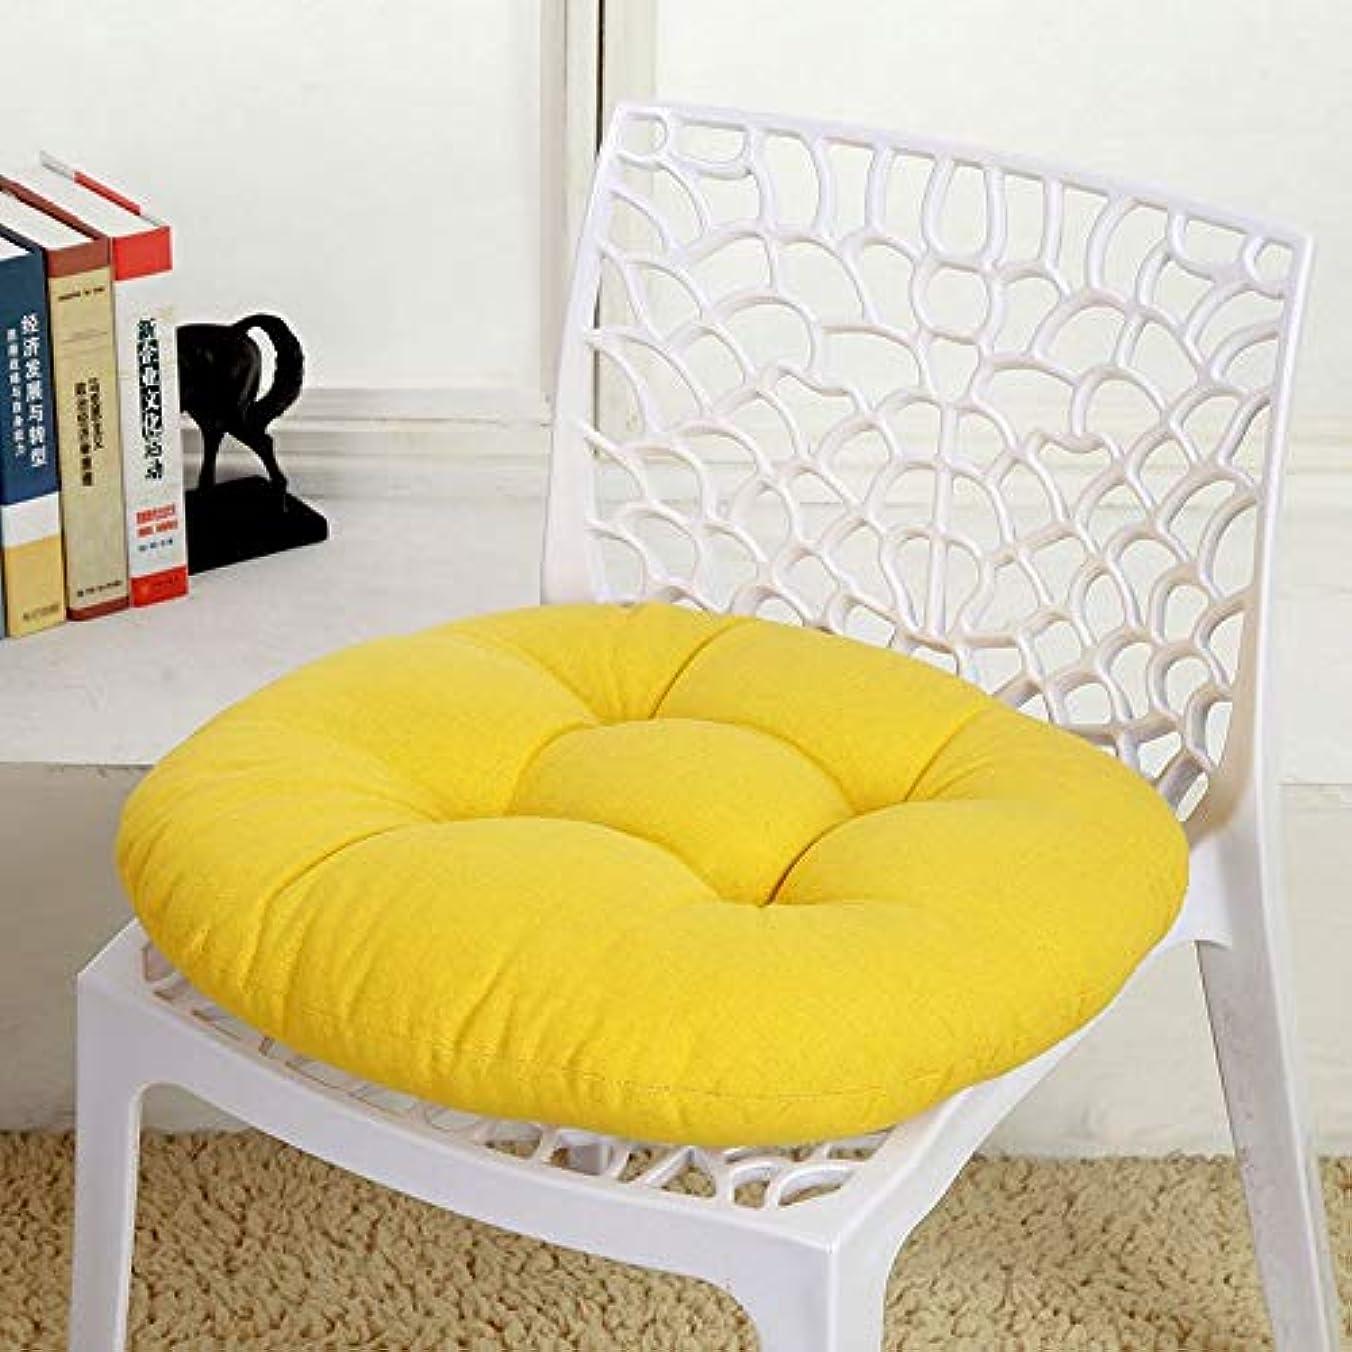 植物学者悲鳴戻すLIFE キャンディカラーのクッションラウンドシートクッション波ウィンドウシートクッションクッション家の装飾パッドラウンド枕シート枕椅子座る枕 クッション 椅子